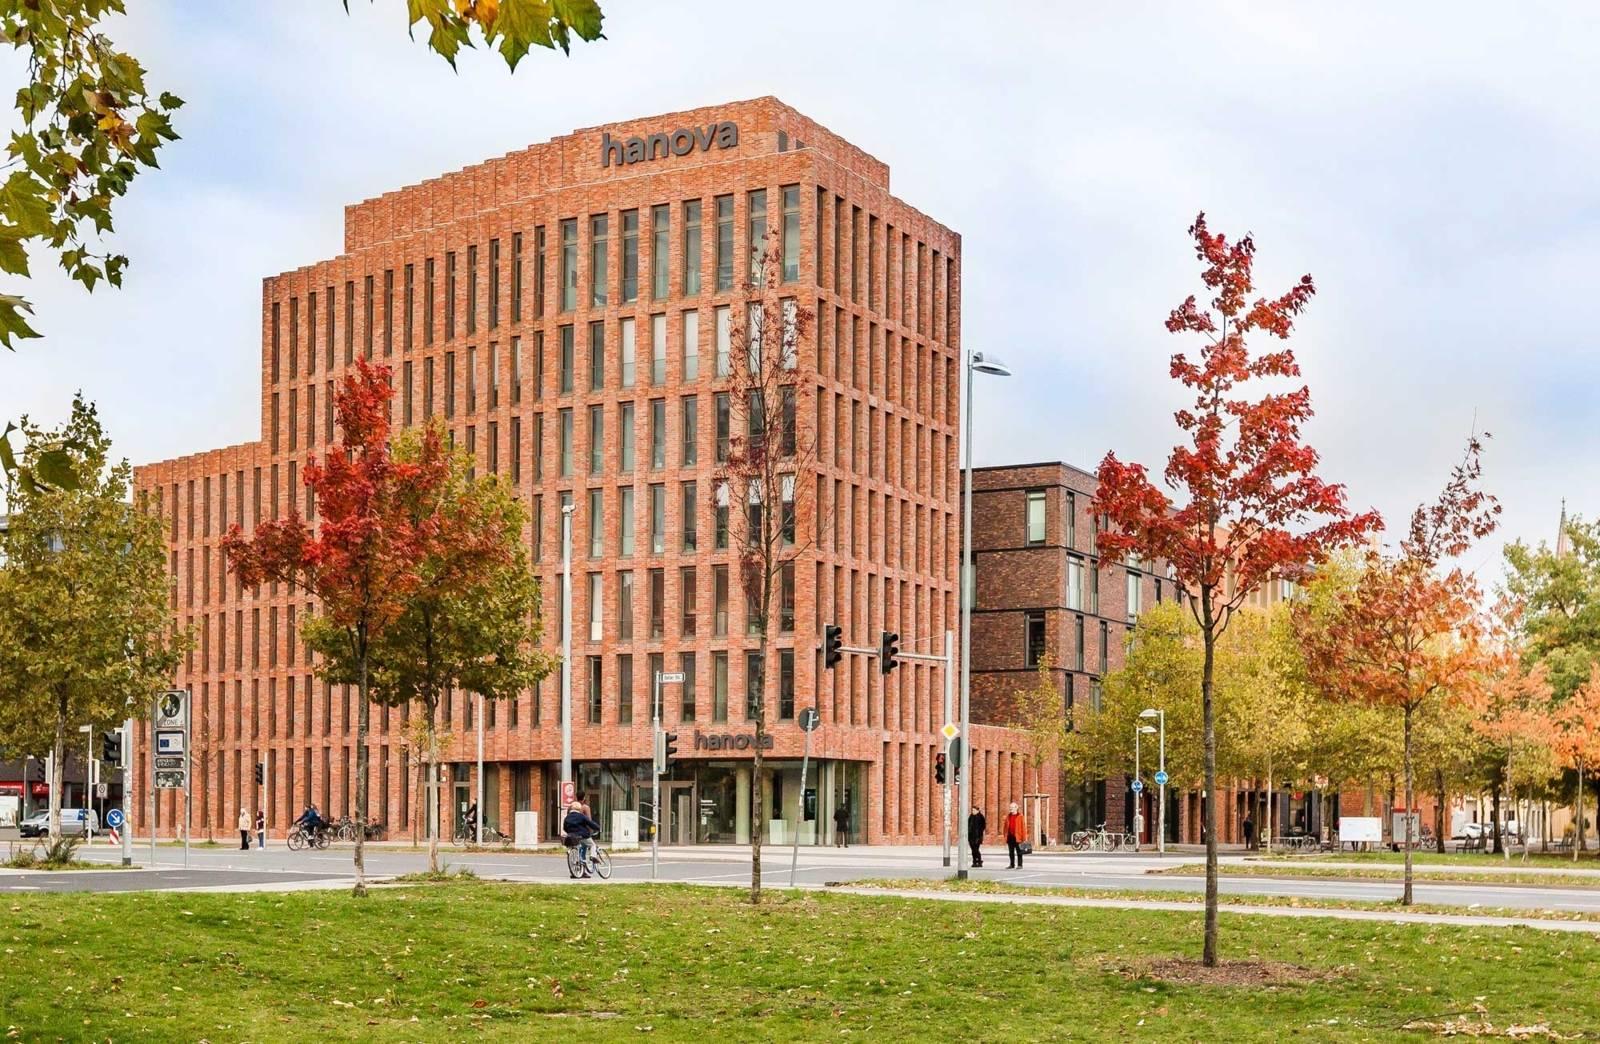 Bürogebäude, davor eine Straße mit einer Ampel und zahlreichen Bäumen